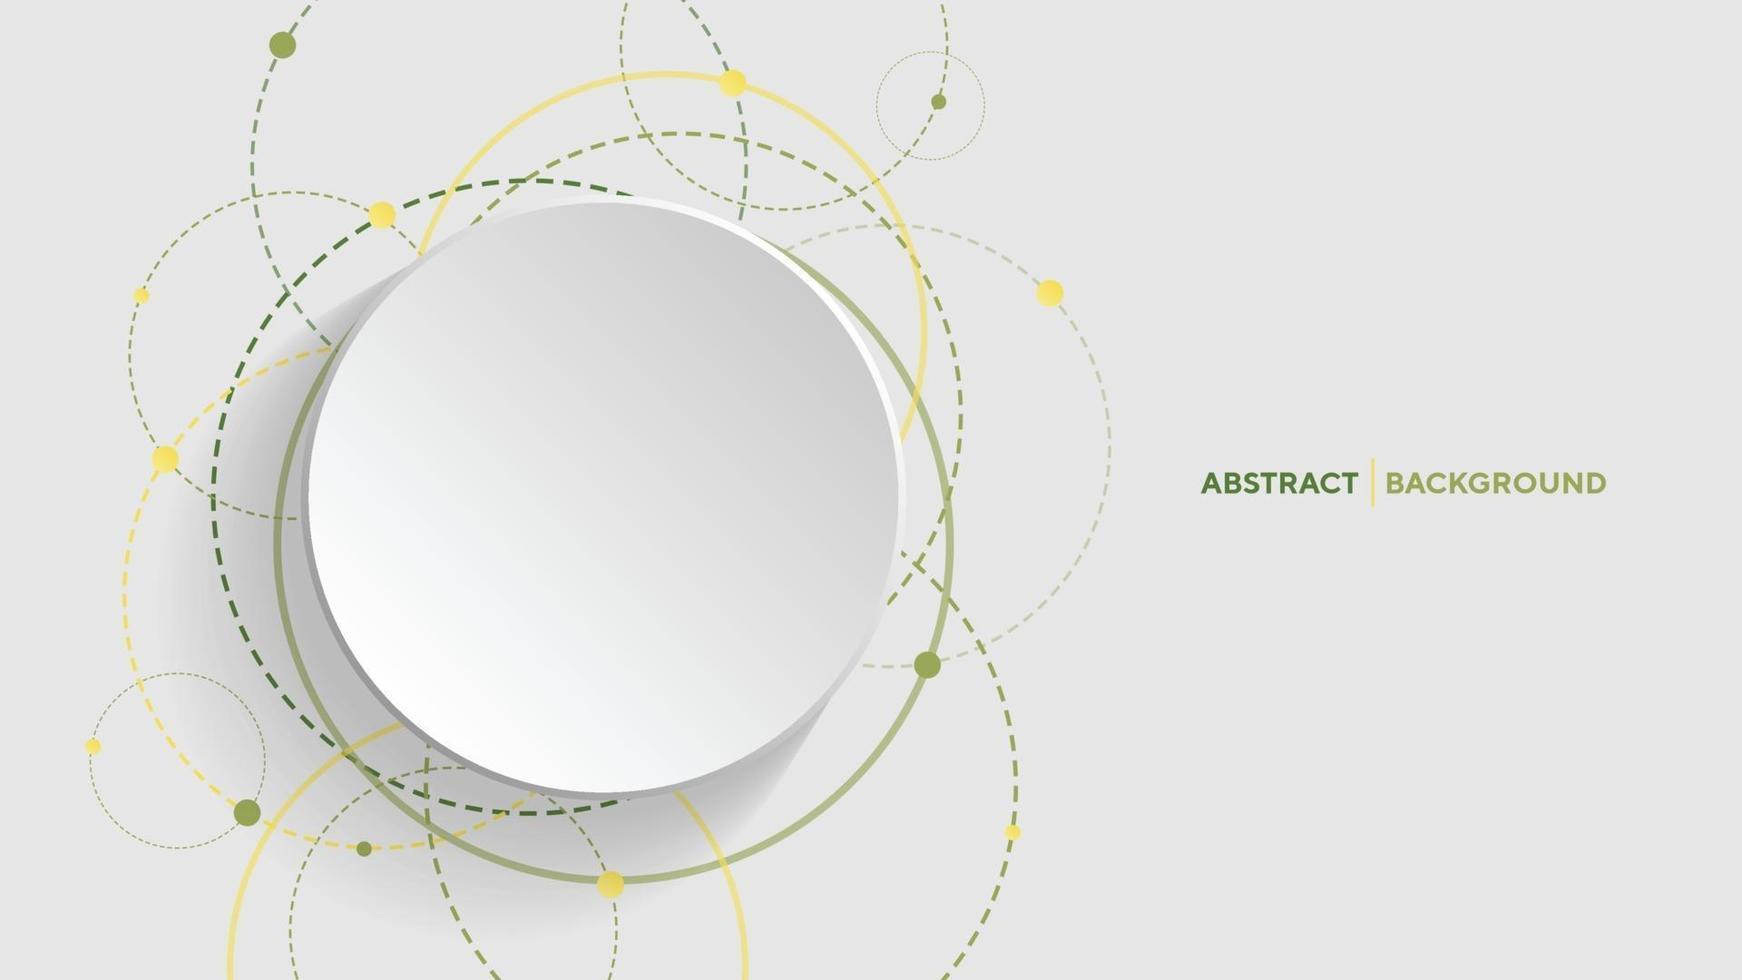 fundo geométrico abstrato com círculo gradiente verde sobre fundo branco vetor